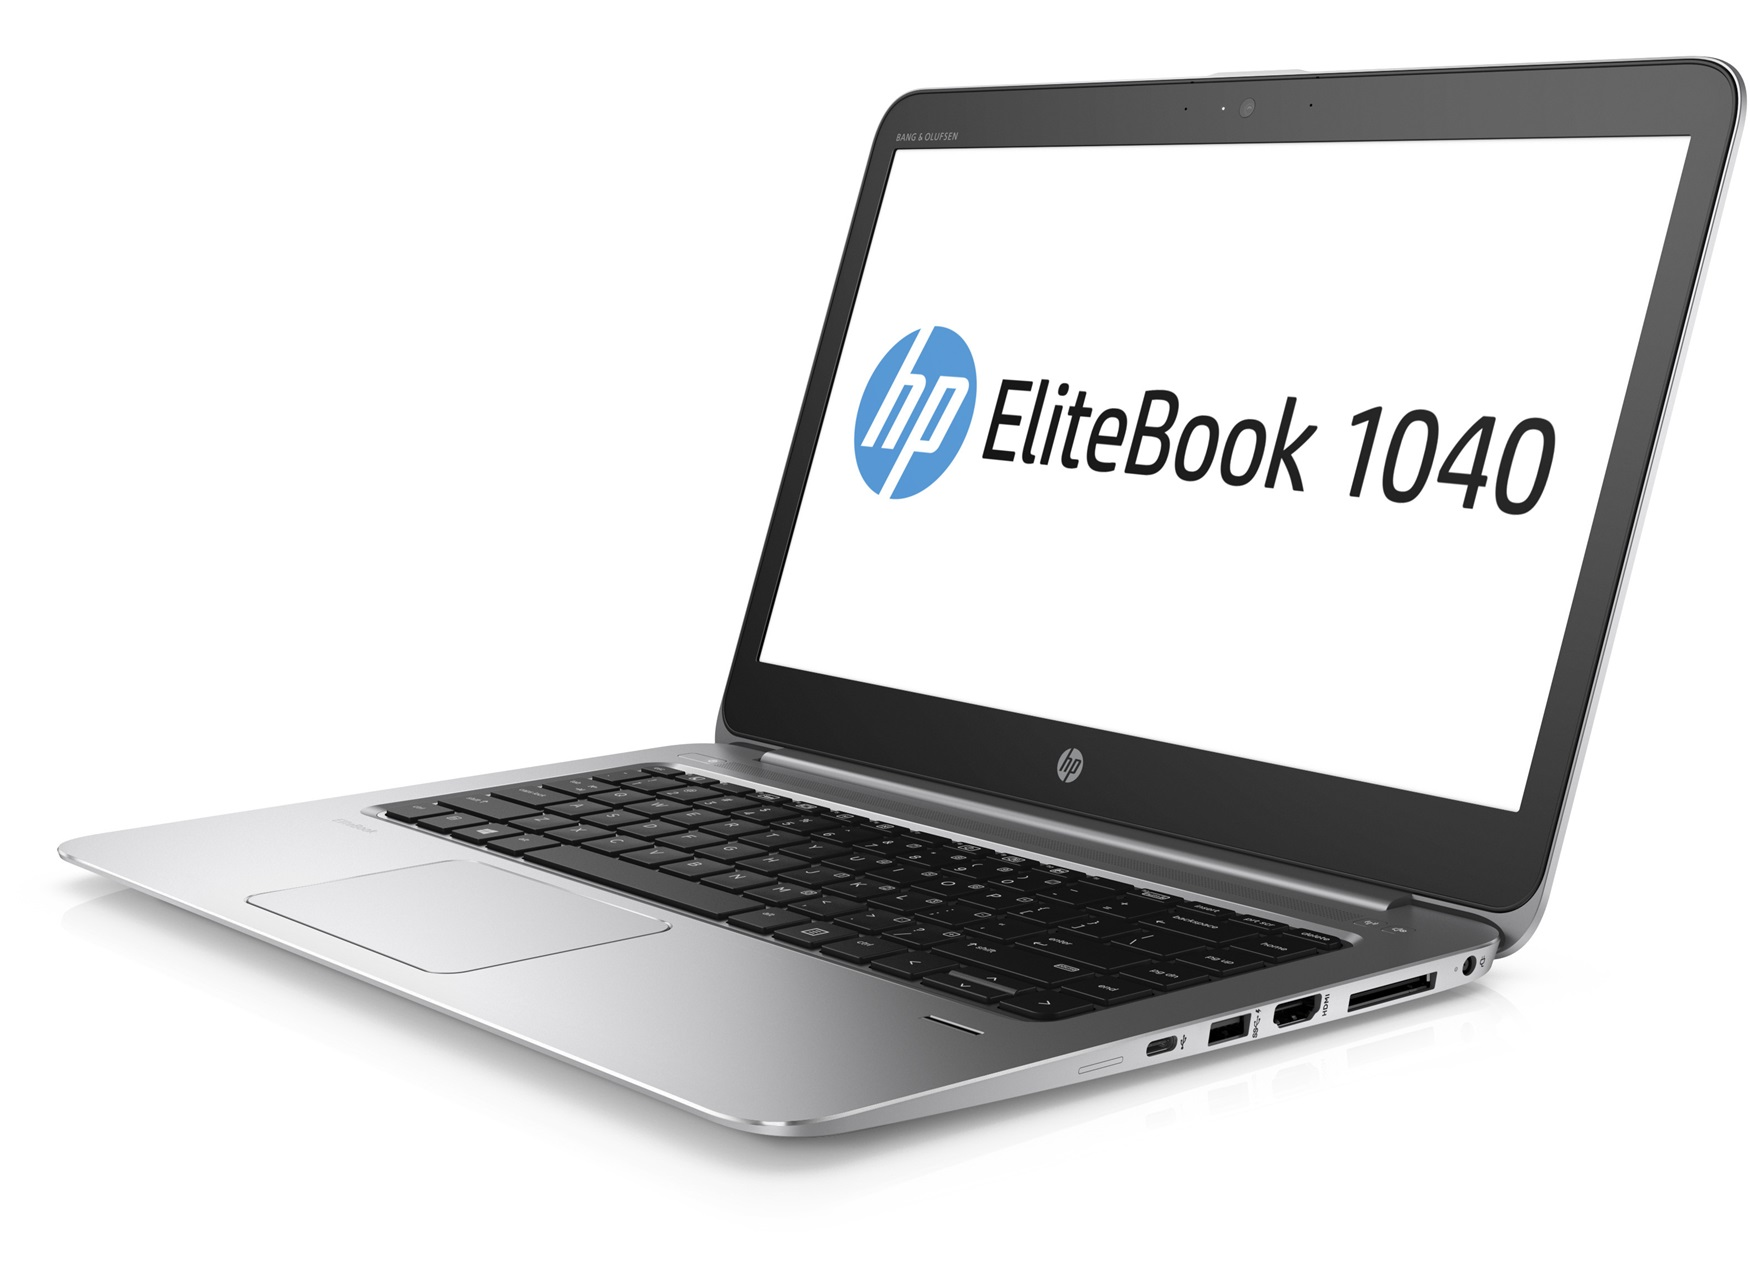 HP EliteBook 1040